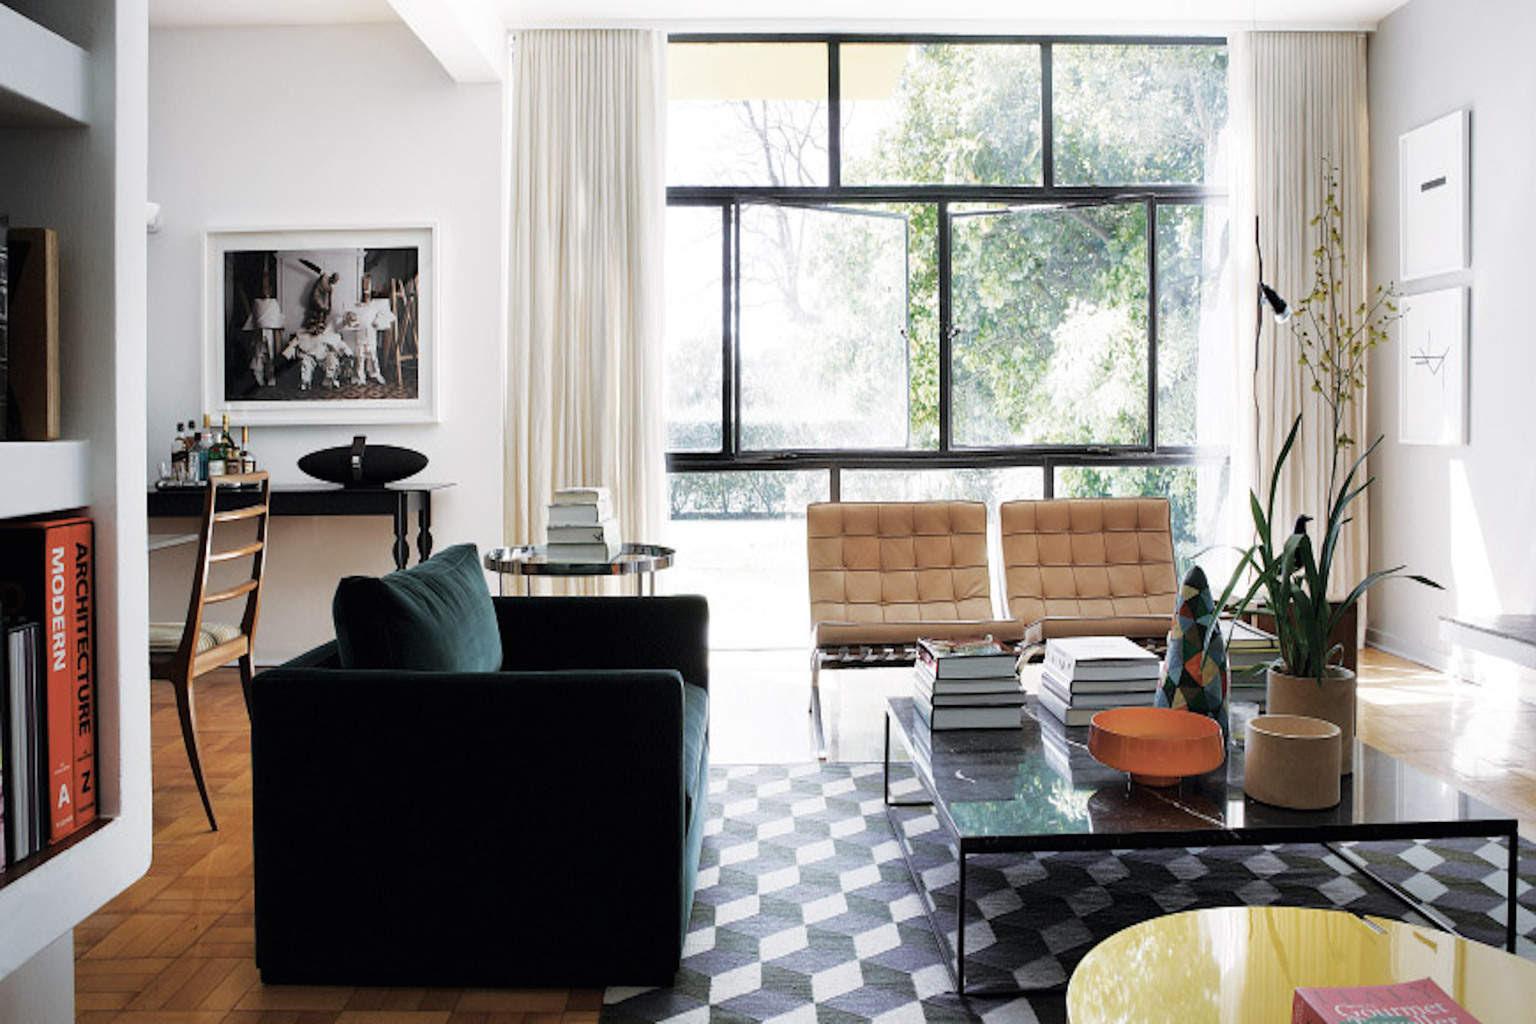 Affordable interior design ideas - RentalDesigns.Com